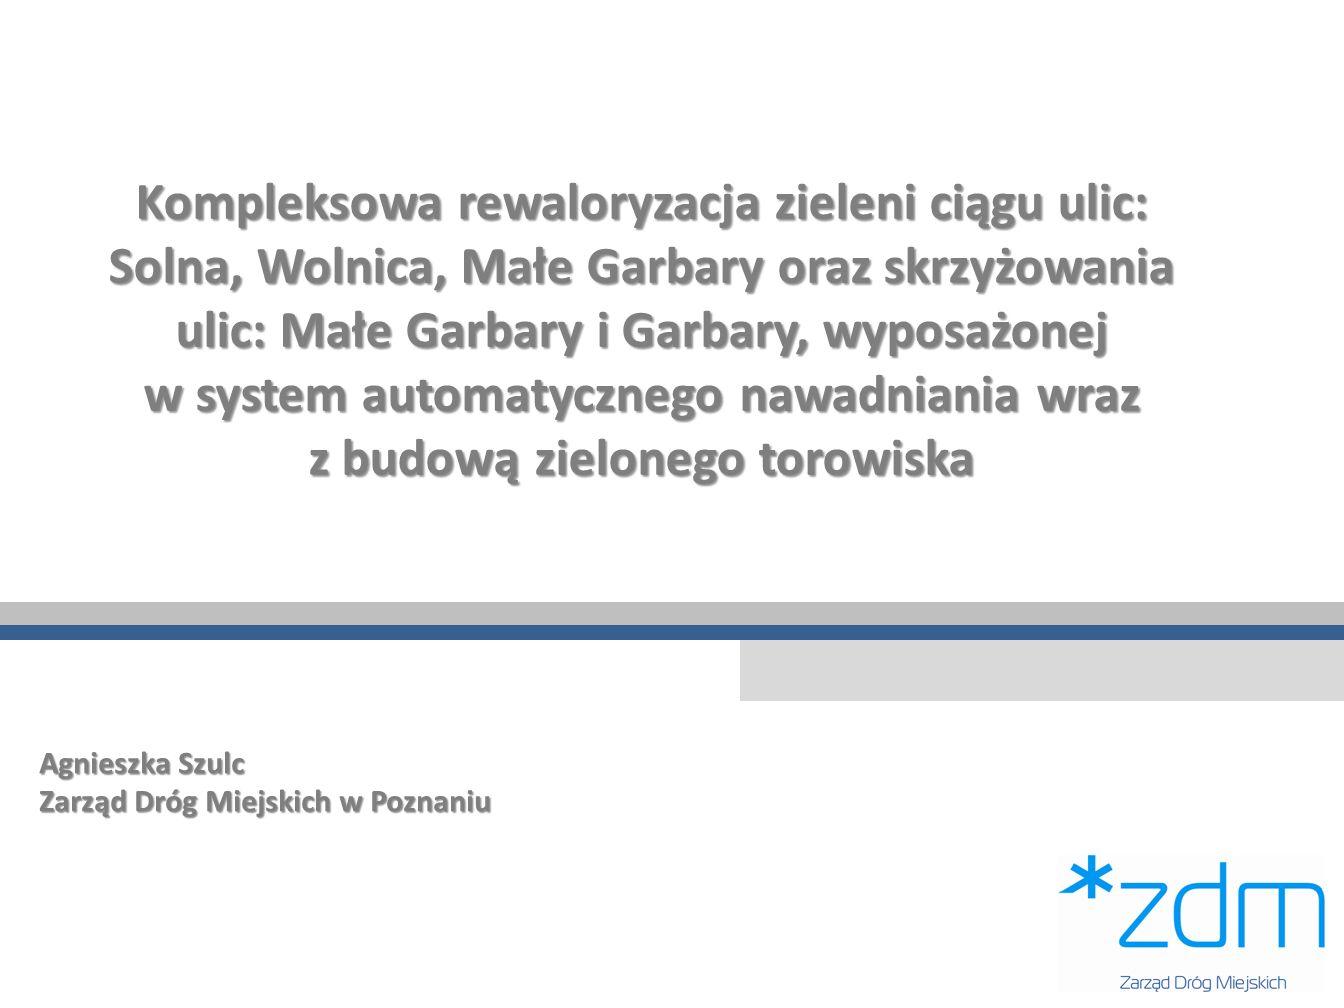 Kompleksowa rewaloryzacja zieleni ciągu ulic: Solna, Wolnica, Małe Garbary oraz skrzyżowania ulic: Małe Garbary i Garbary, wyposażonej w system automatycznego nawadniania wraz z budową zielonego torowiska